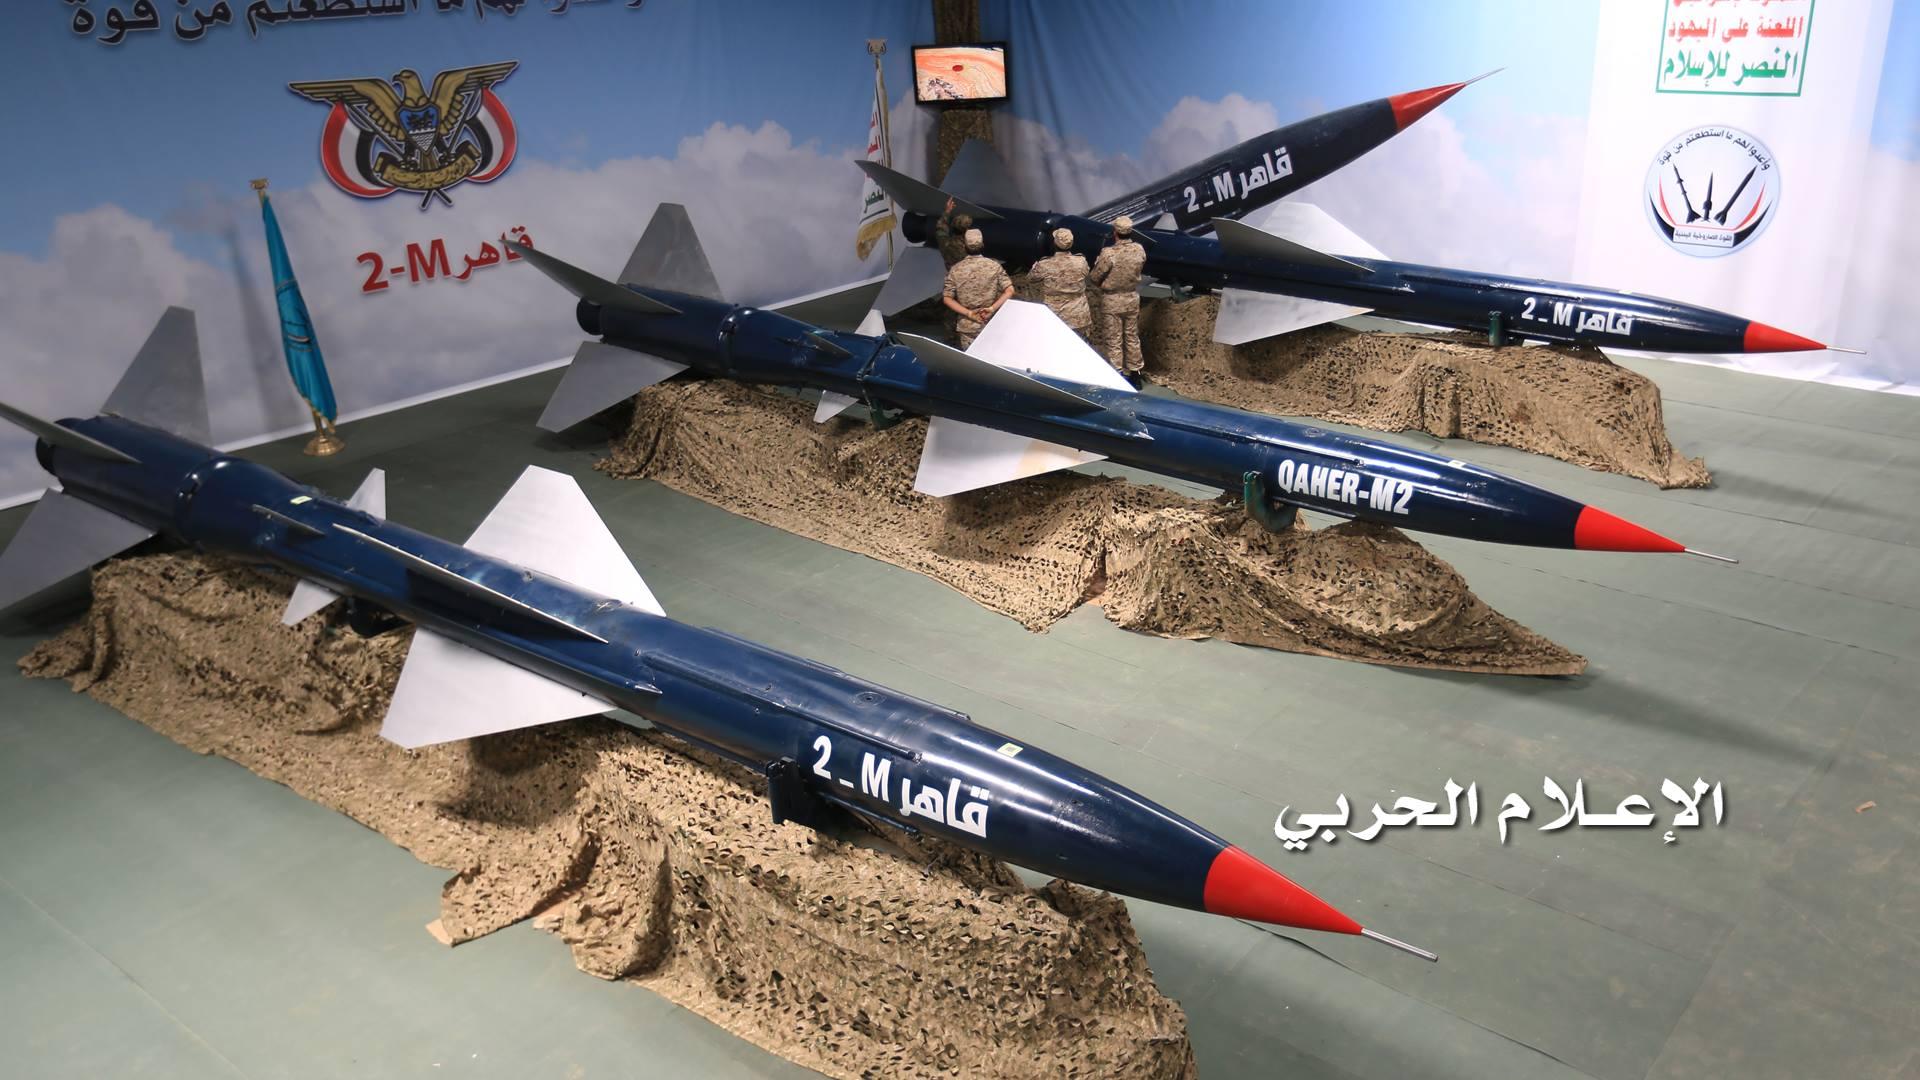 موشکهای ارتش و انصار الله یمن را بهتر بشناسیم/آتشفشانهای ارتش وانصار الله یمن با موشک قدرتمند